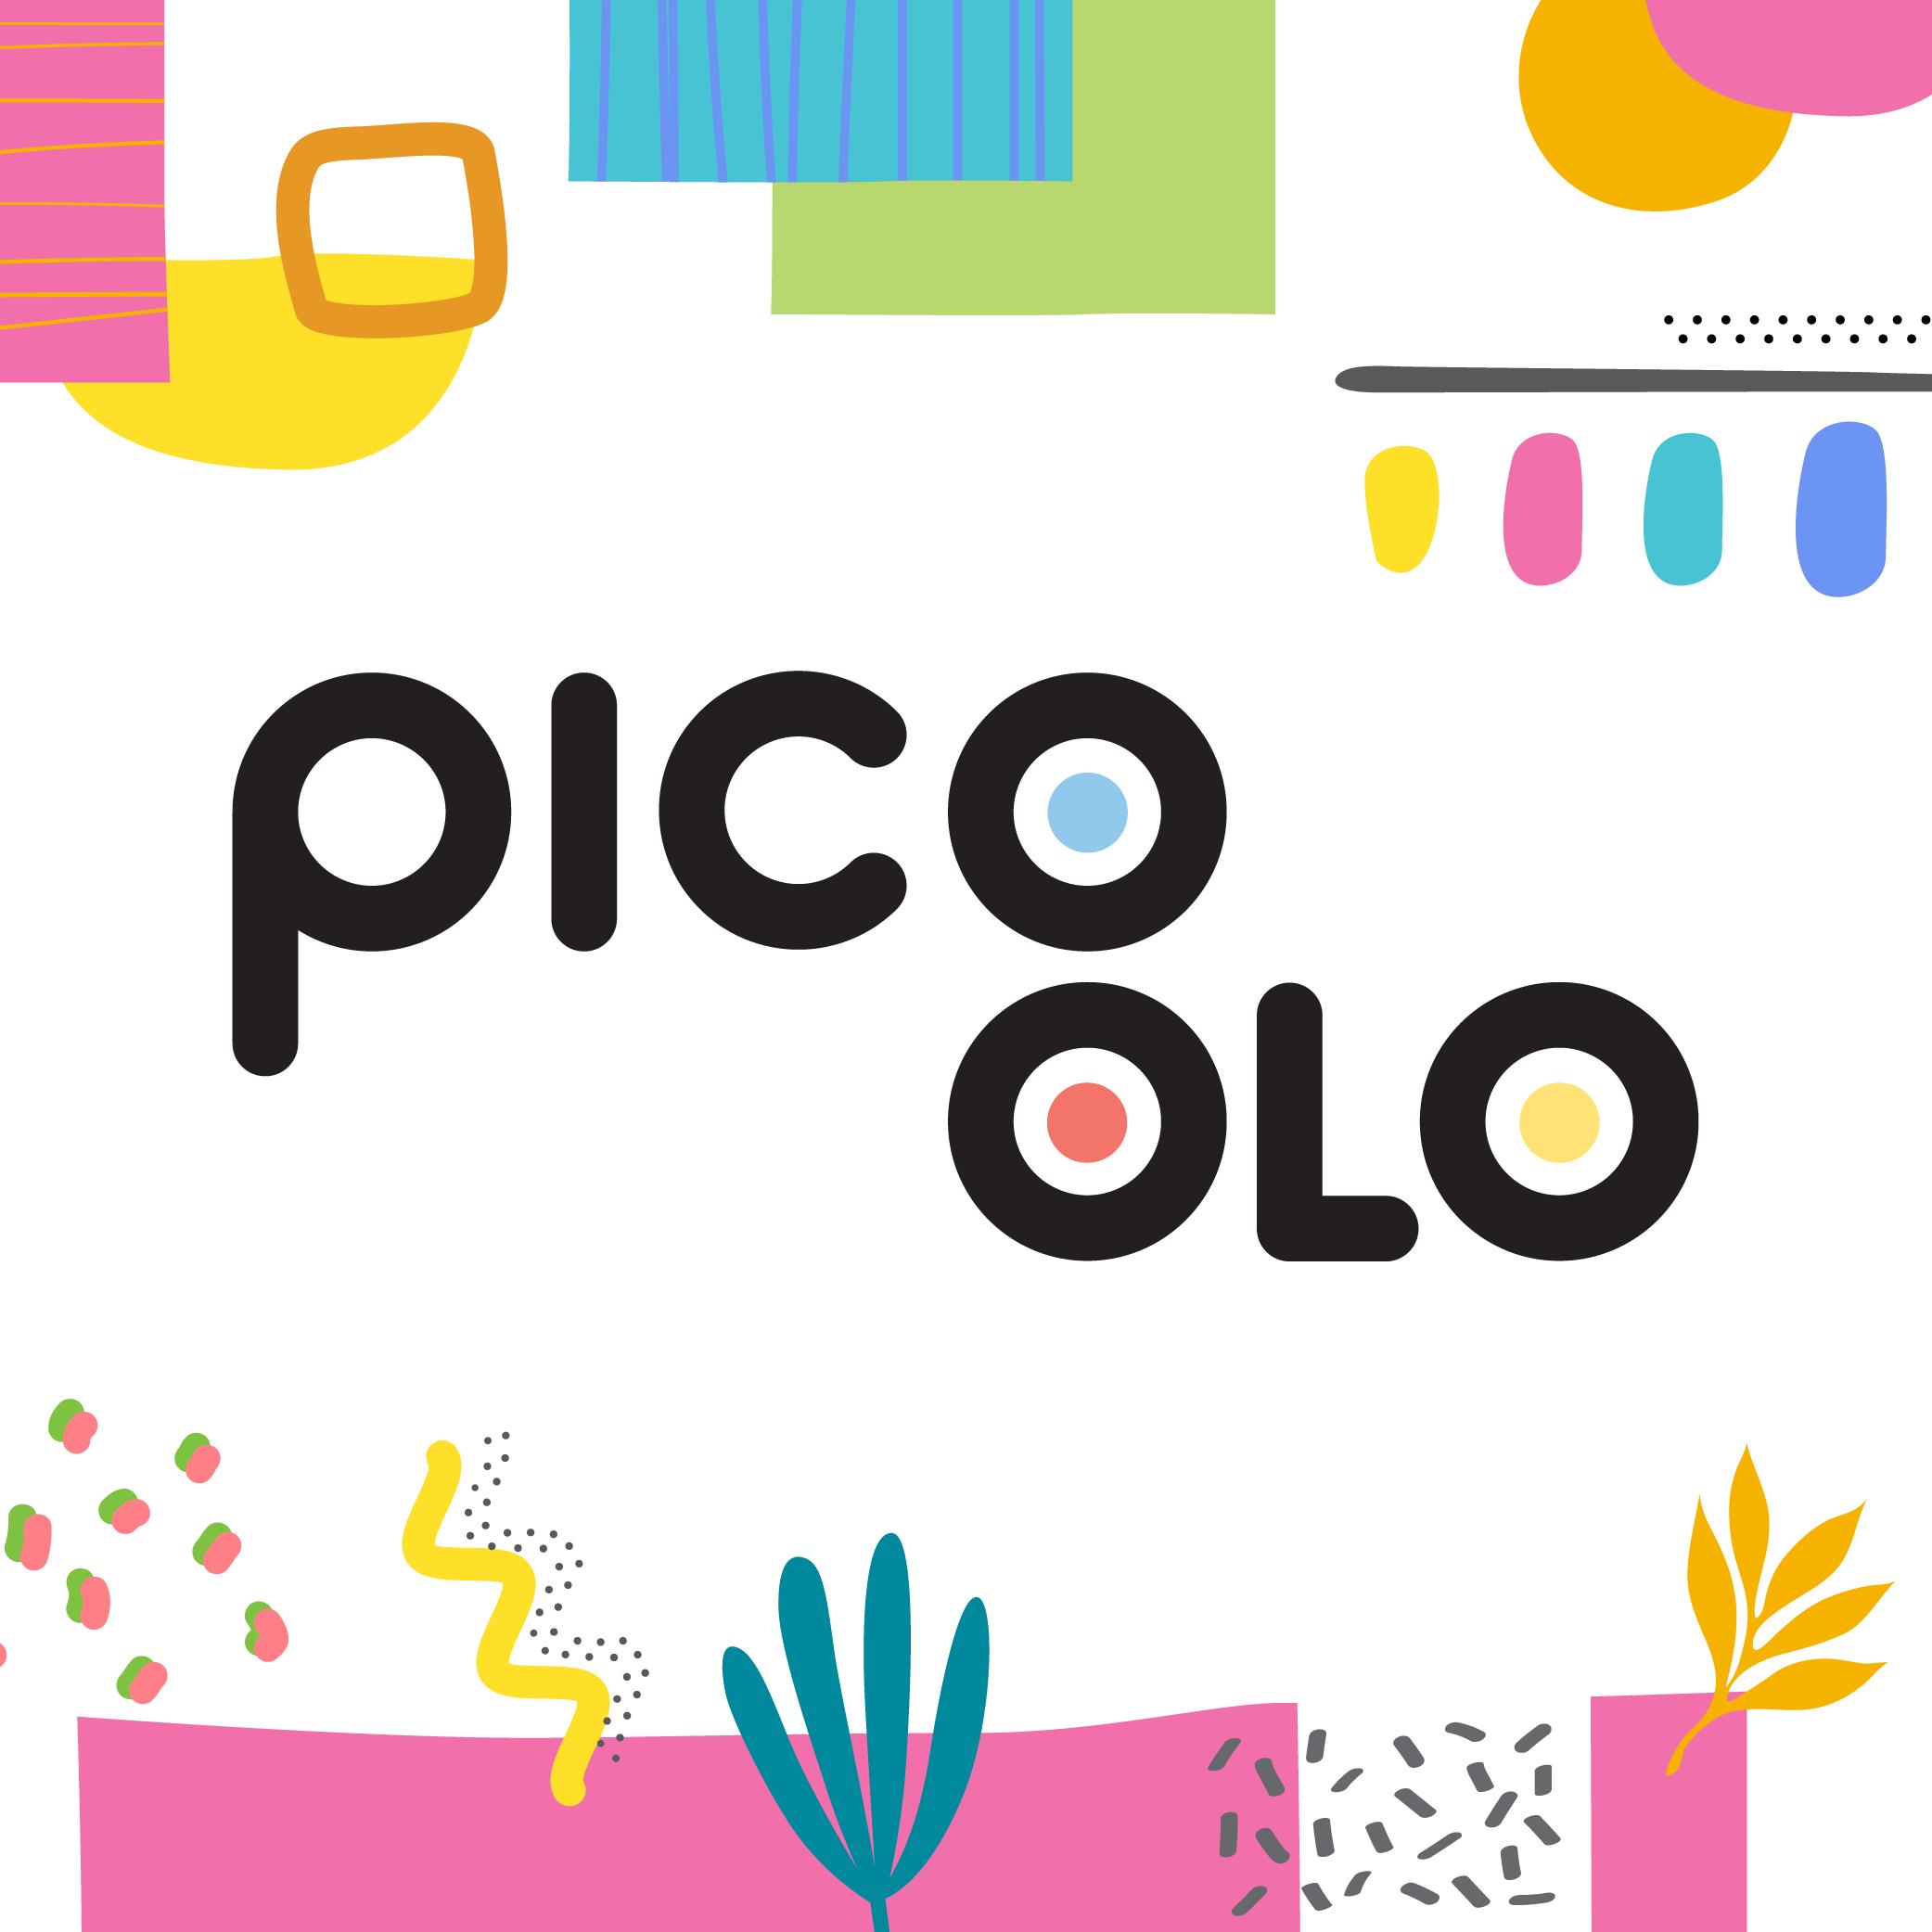 Pico Olo